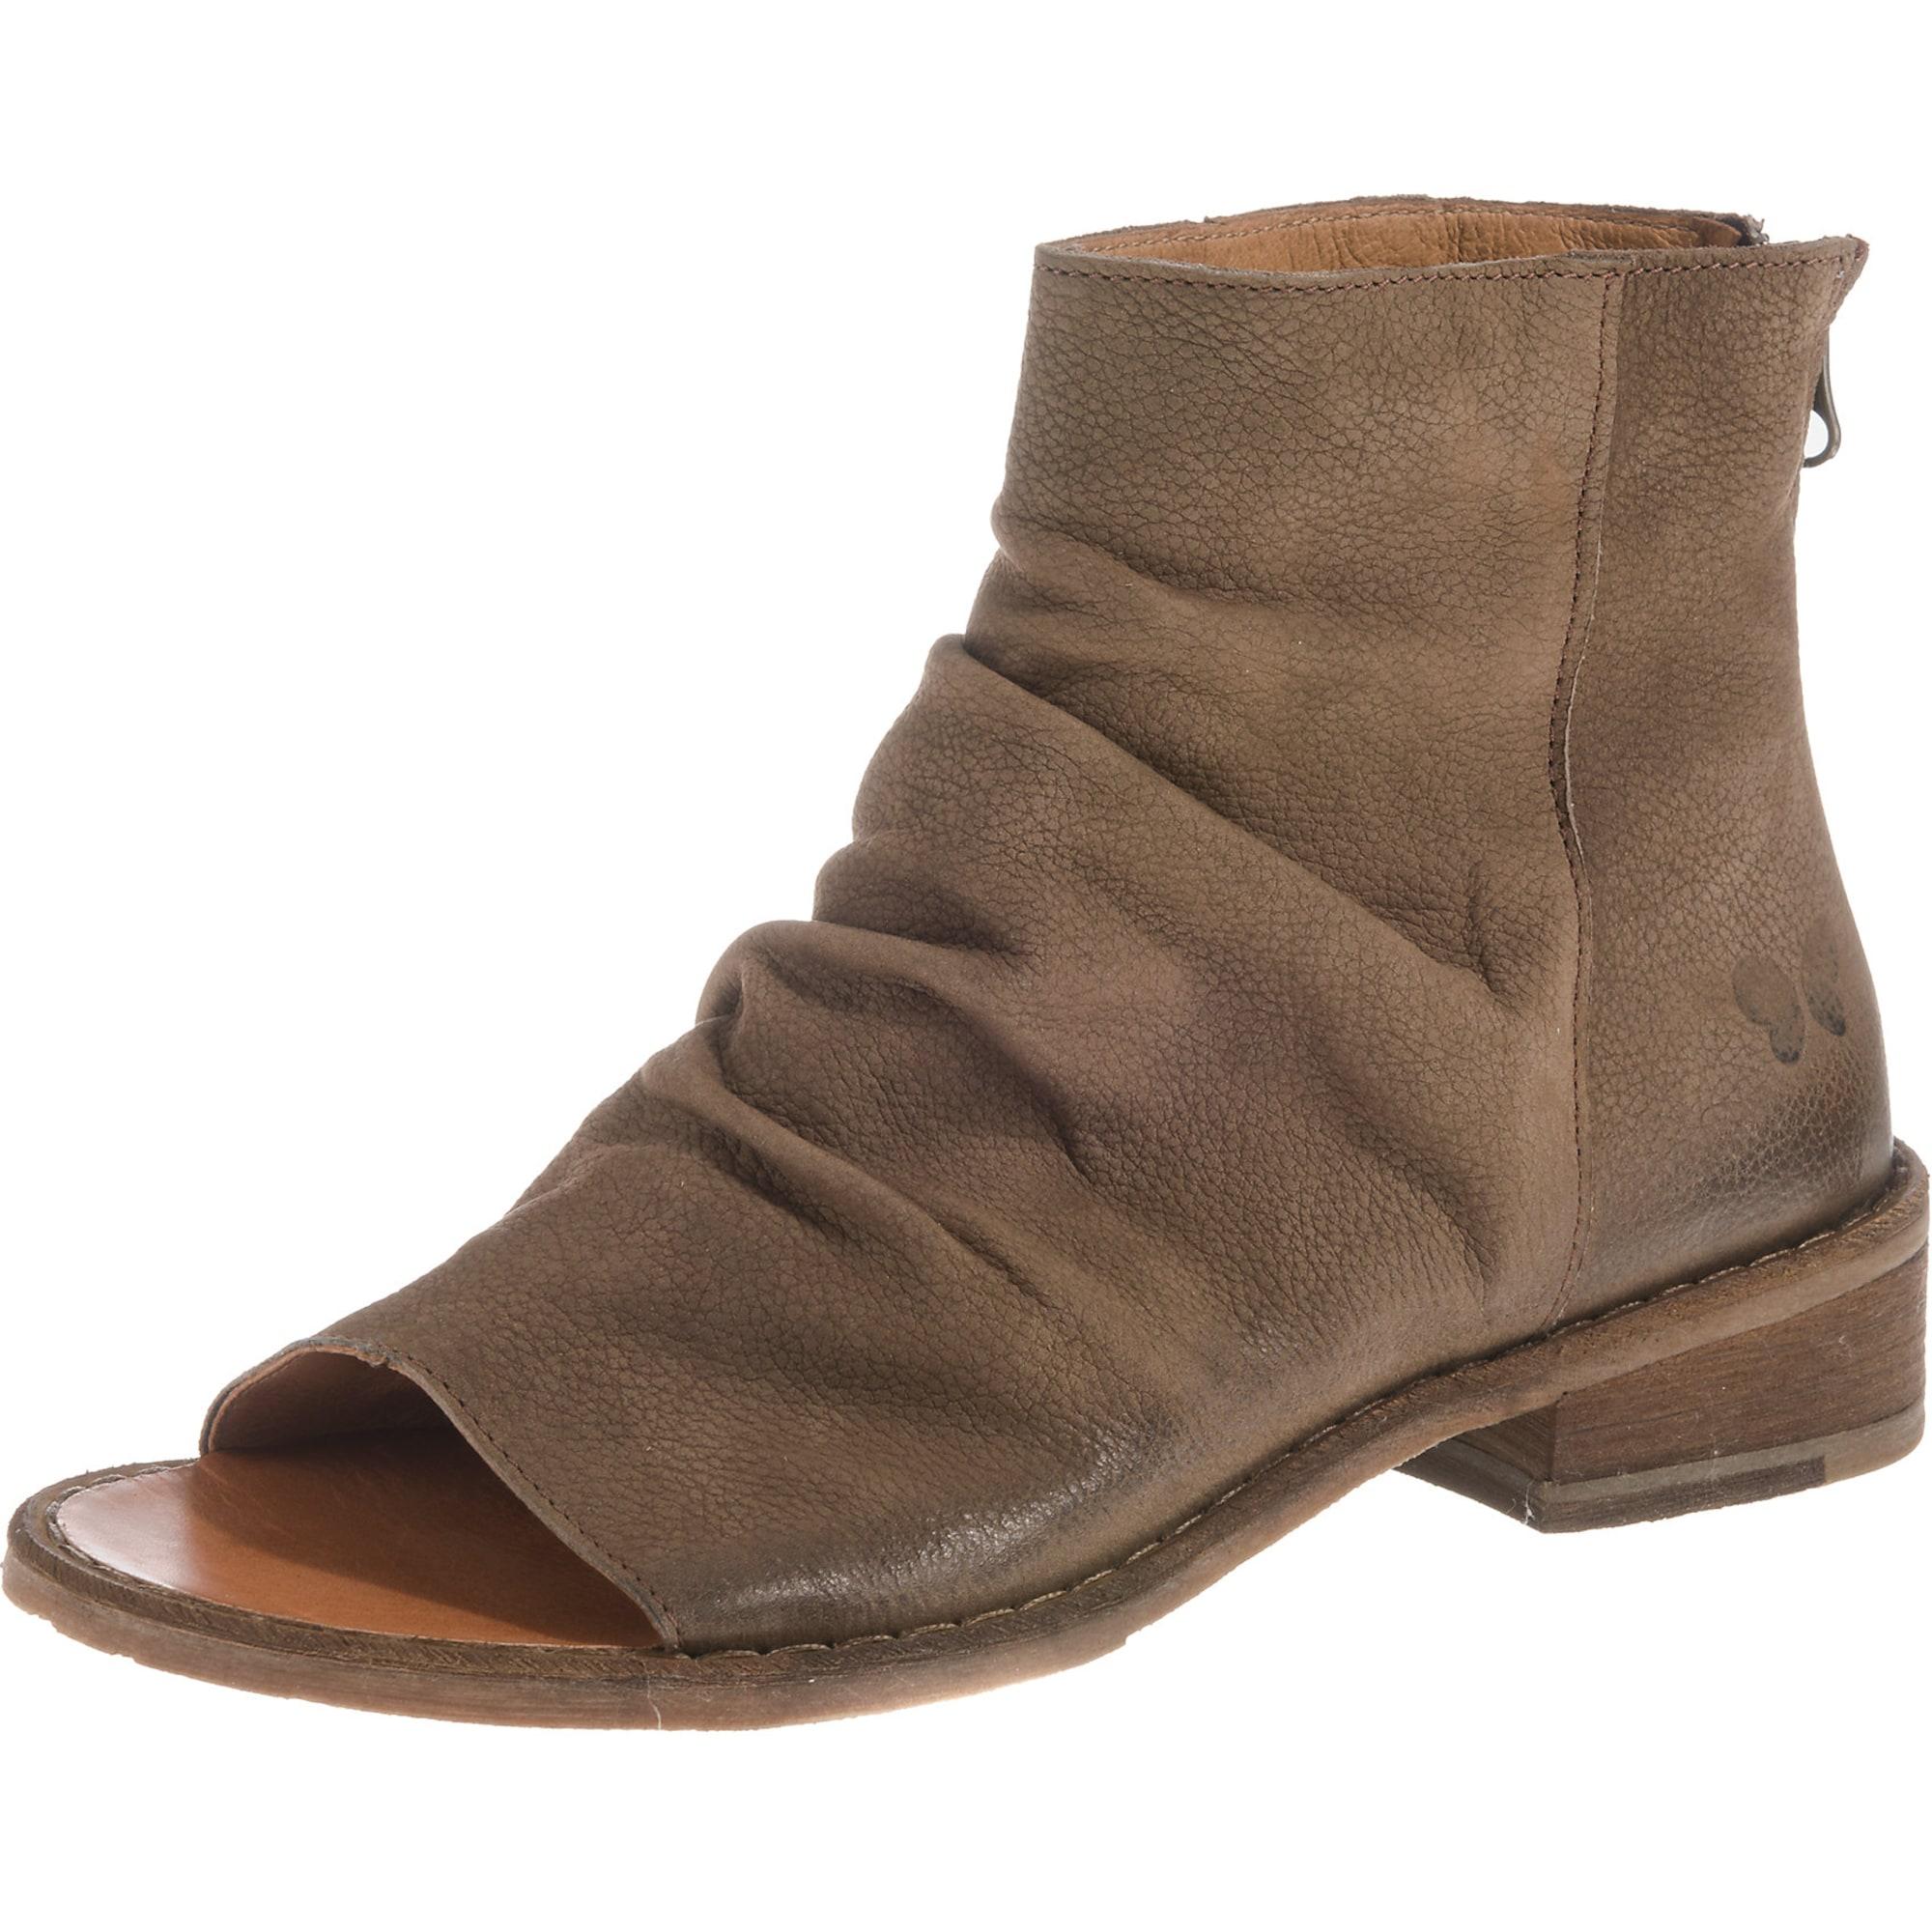 Sandaletten | Schuhe > Sandalen & Zehentrenner | Felmini